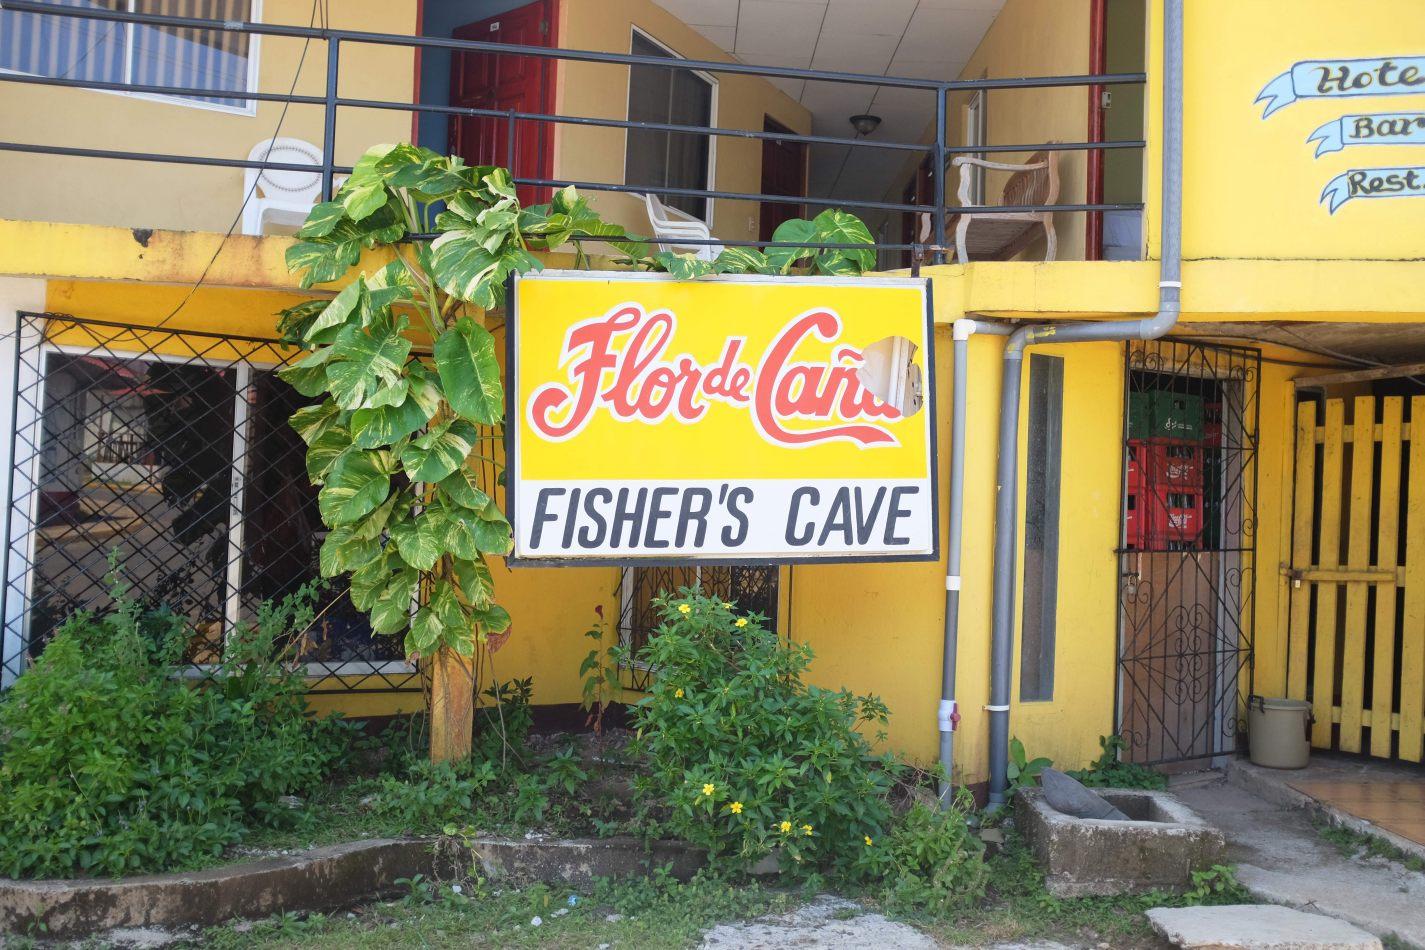 Hibiscus & Nomada : - - Fisher's Cave Restaurant